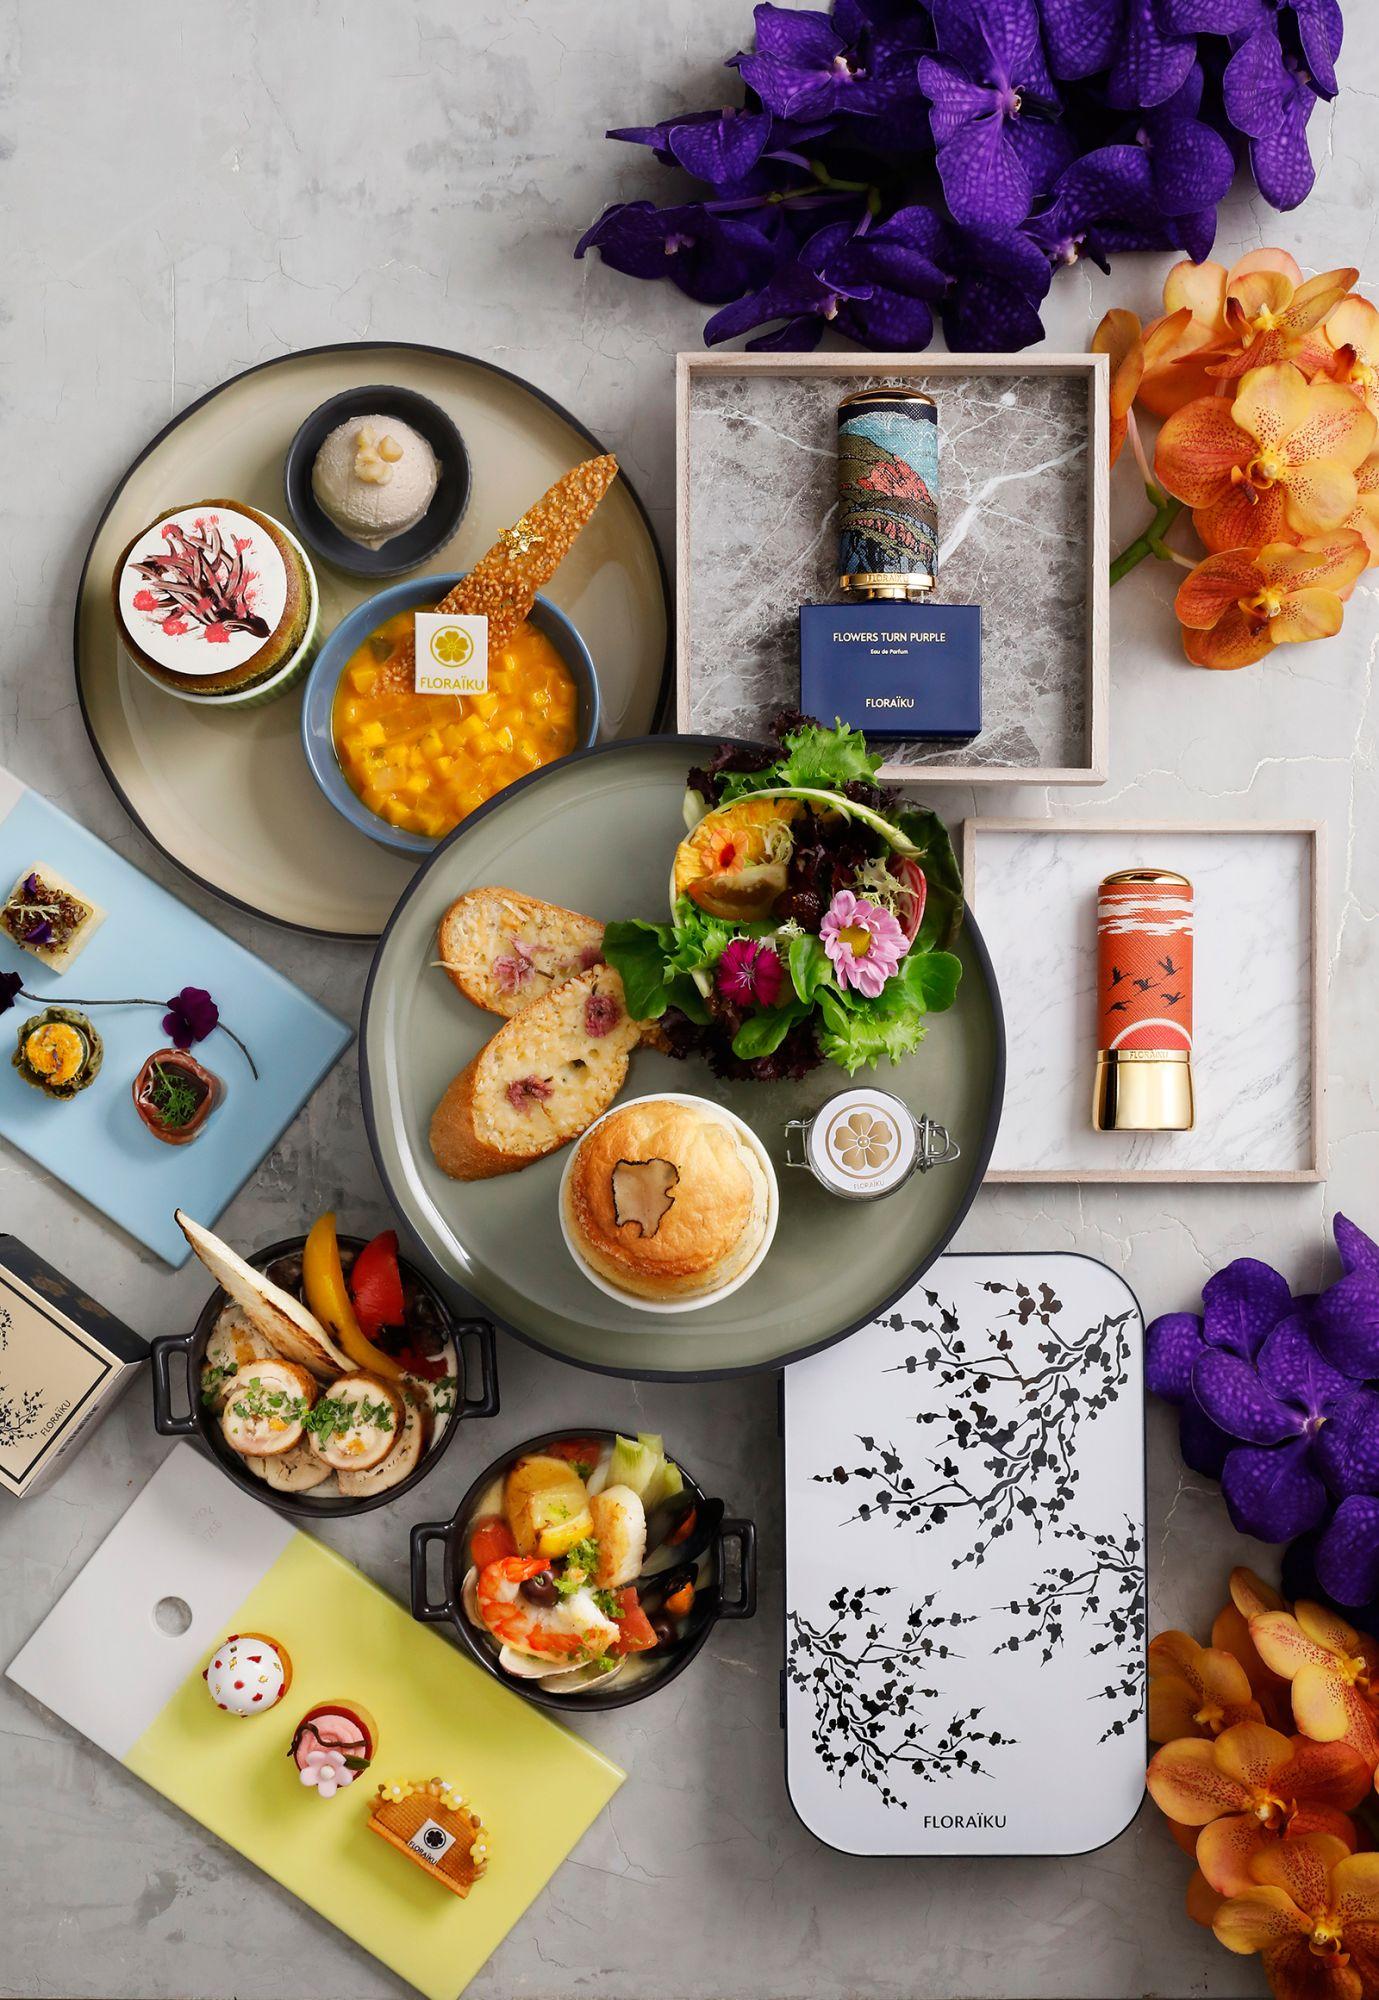 極致滿足的五感饗宴!法國頂級香氛Floraïku與台北君悅茶苑聯名午茶登場